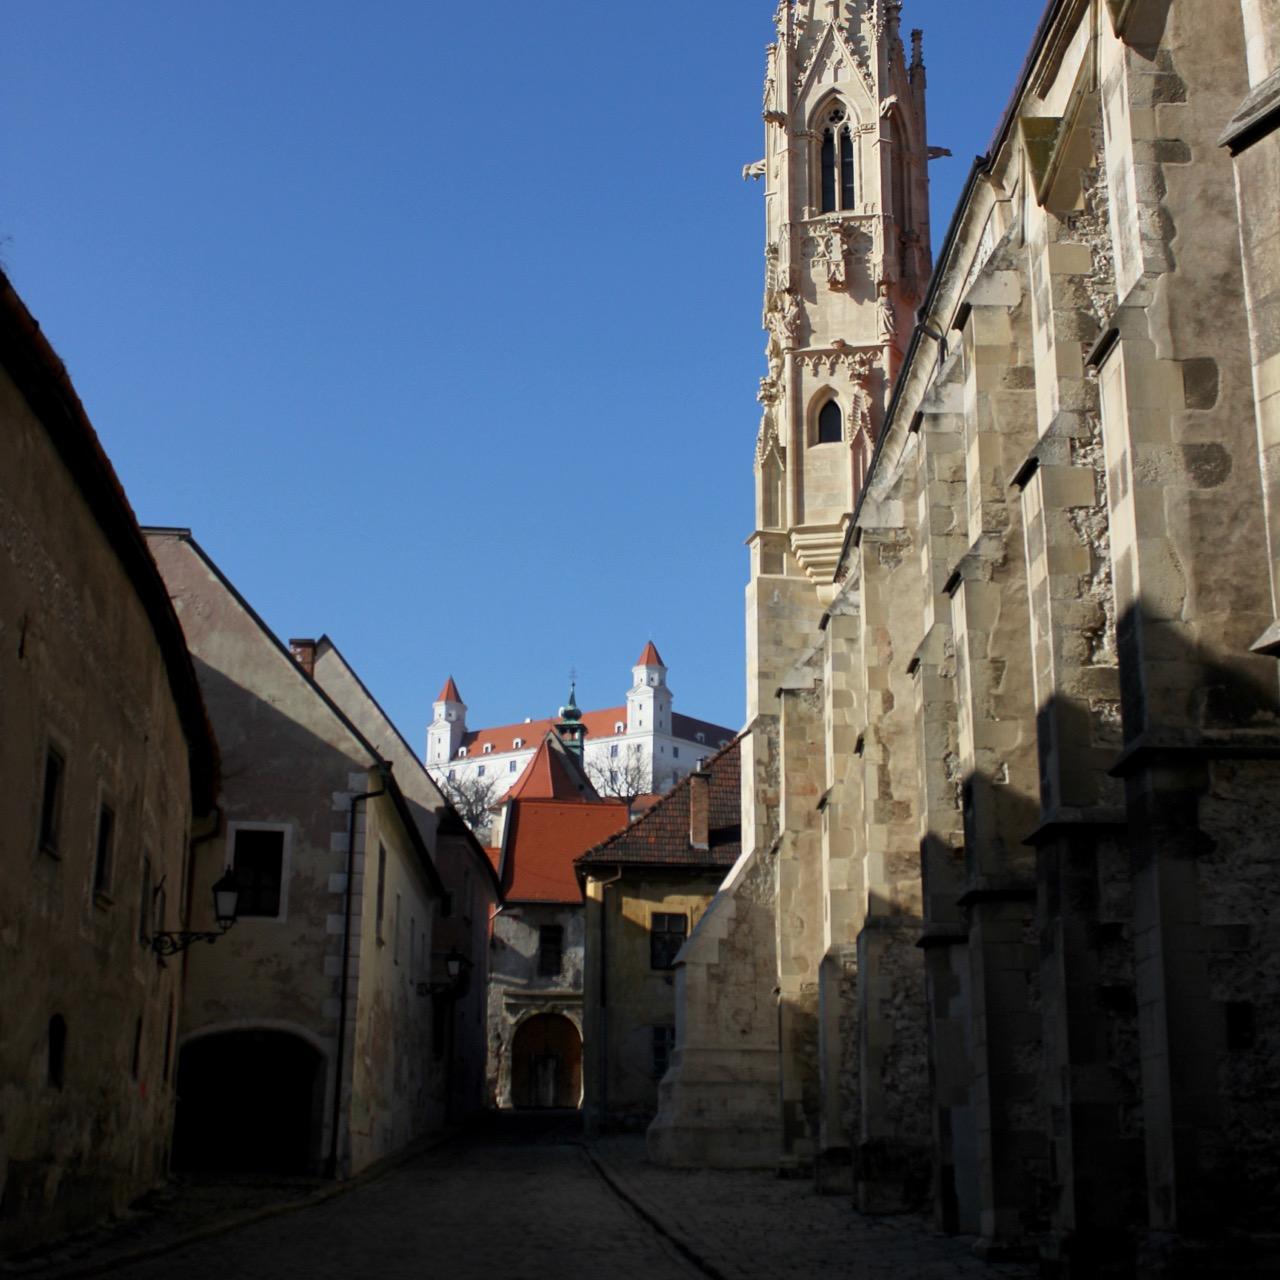 Bratislava, Slovakia - 5